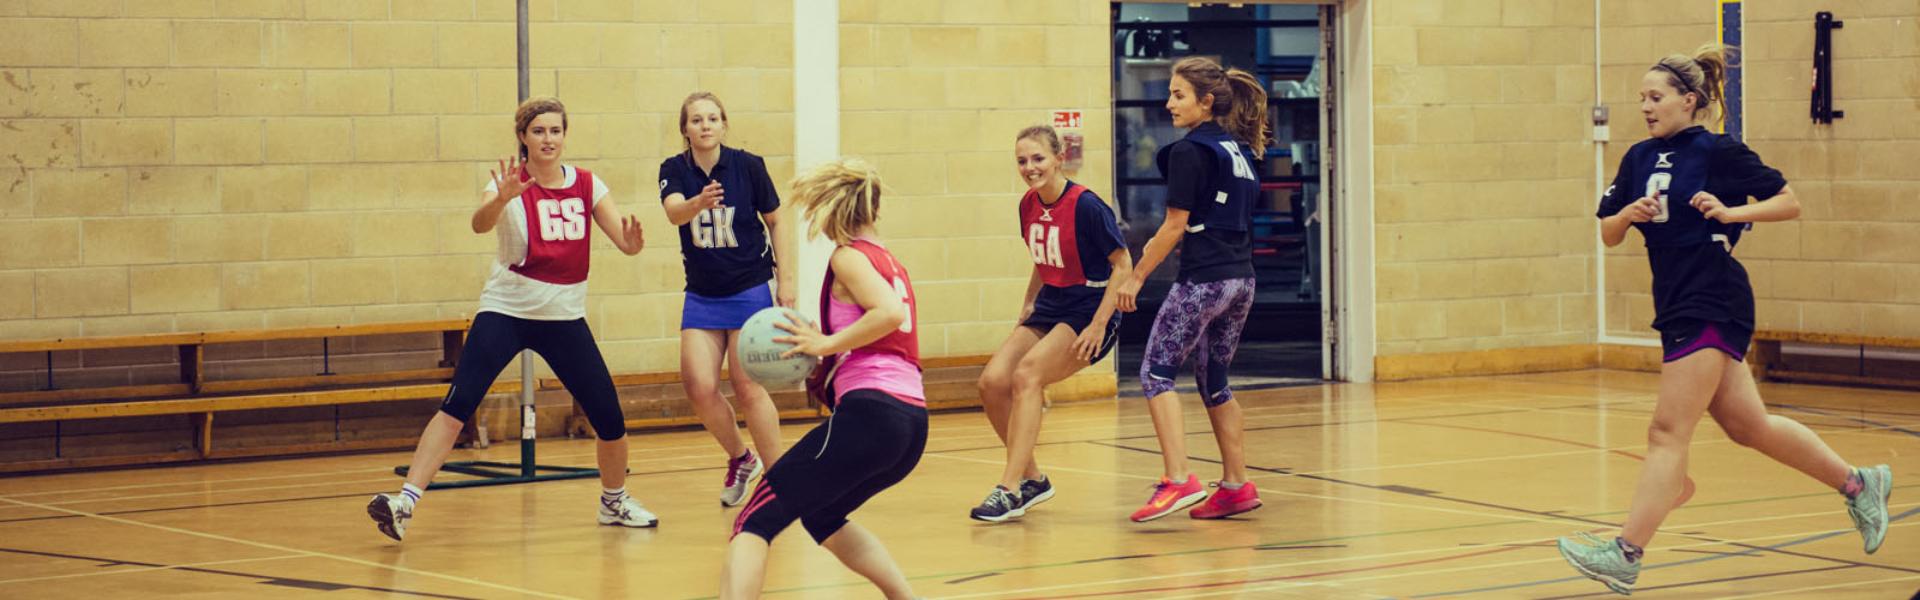 indoor netball